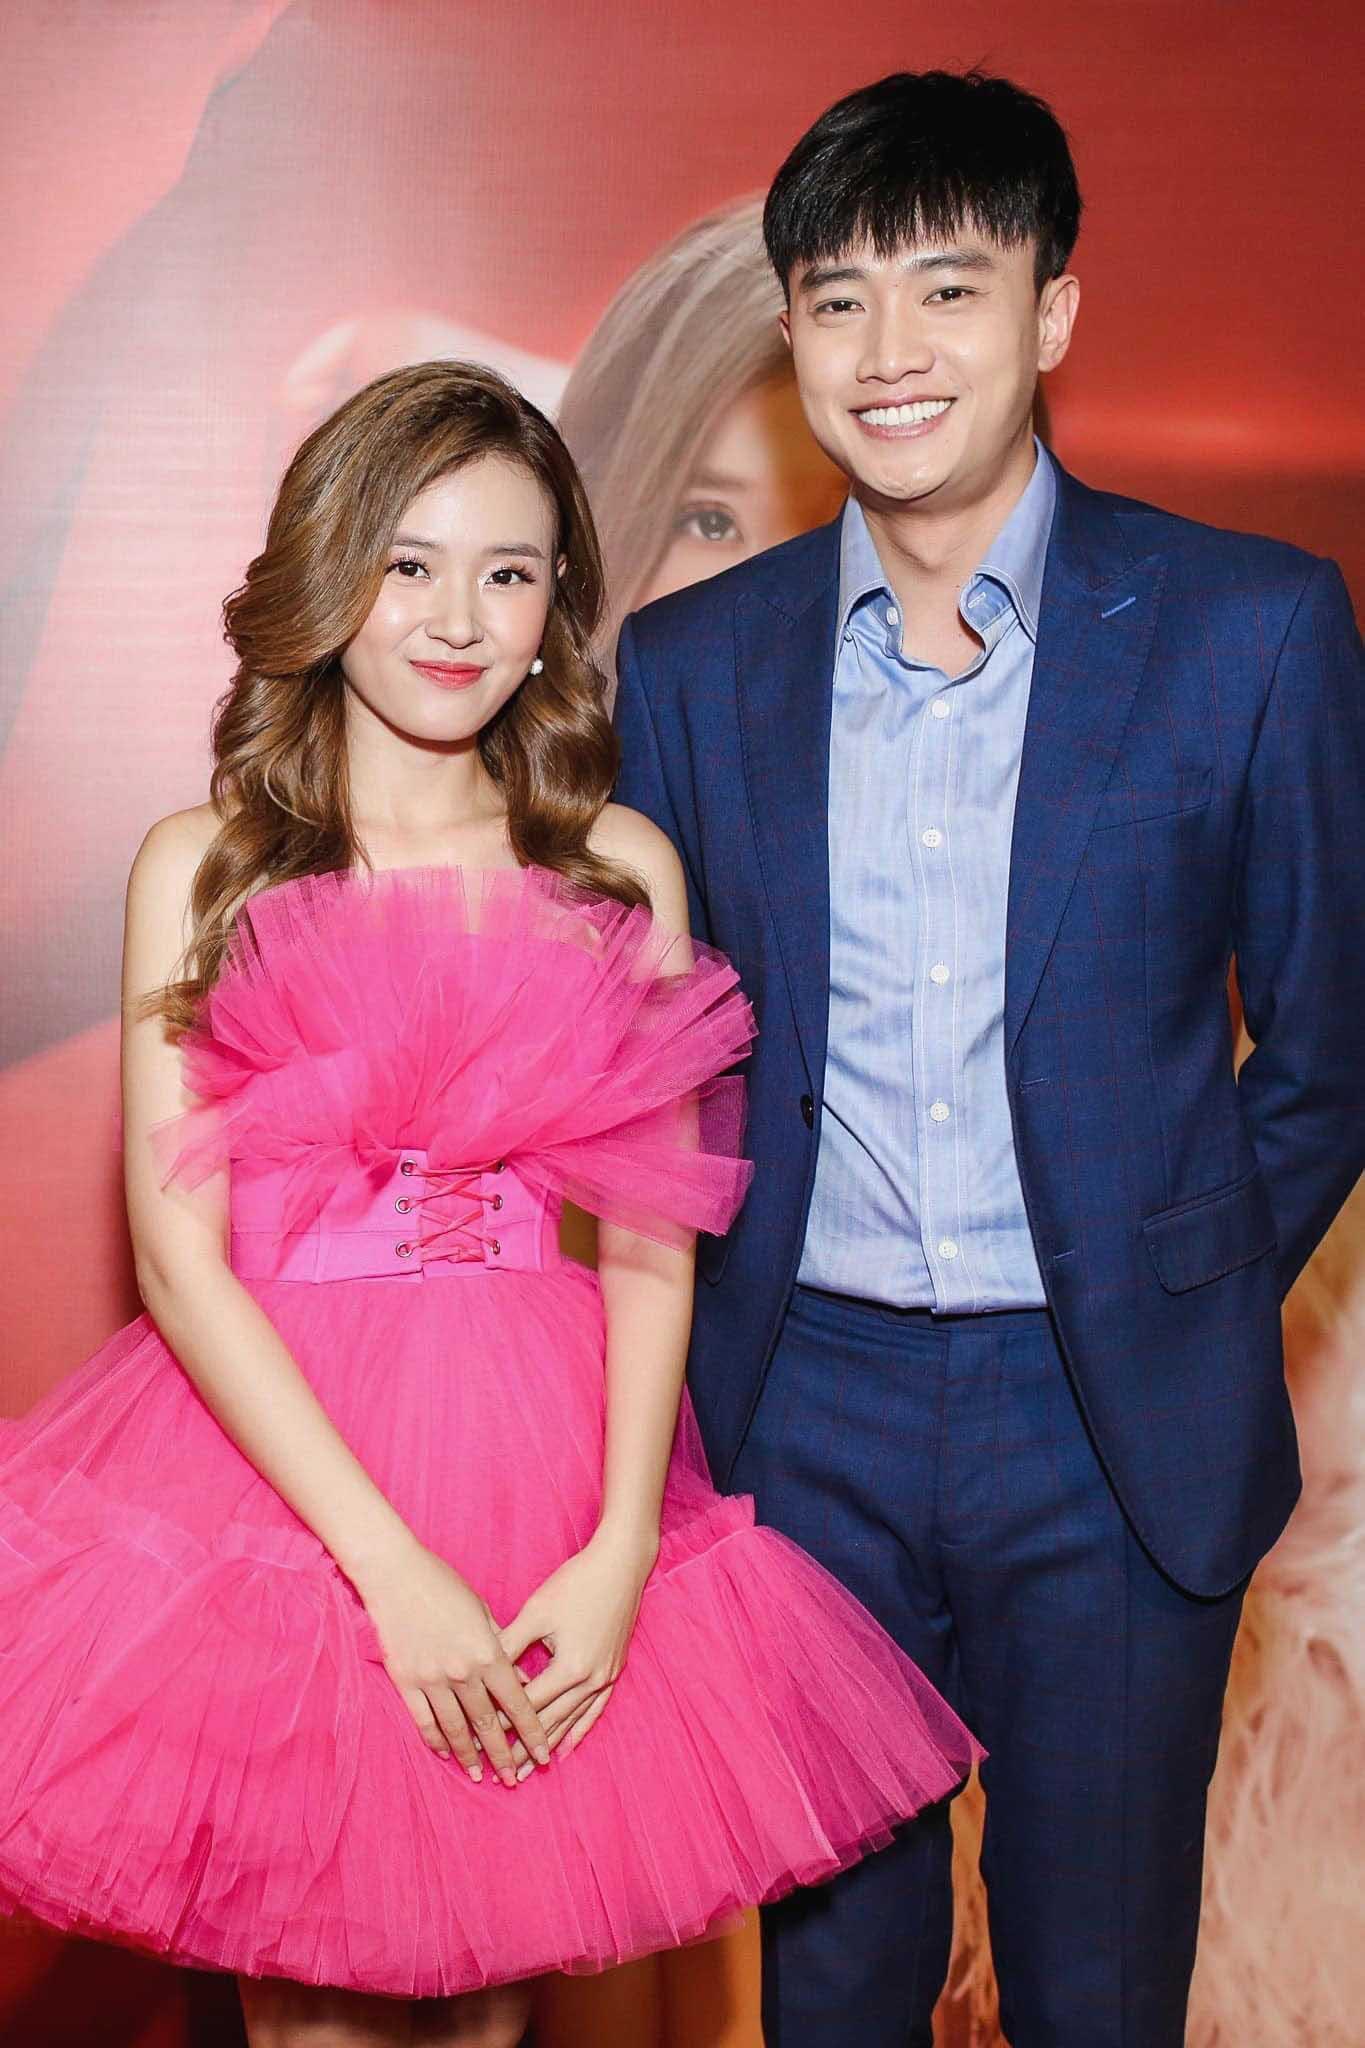 4 năm sau cuộc hủy hôn ồn ào, Phan Thành giờ đã cưới vợ còn cuộc sống của Midu thì sao?-4